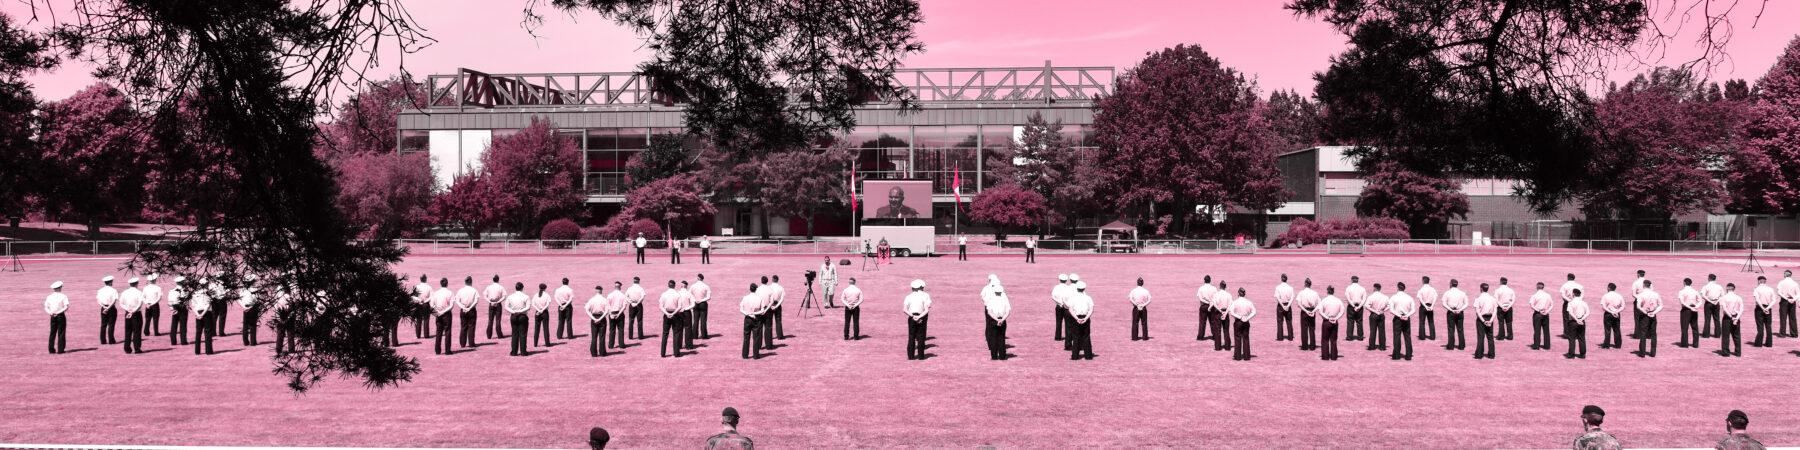 In Rot, der Farbe der Universität, eingefärbtes Panoramabild von angetretenen Soldaten auf einem Sportplatz